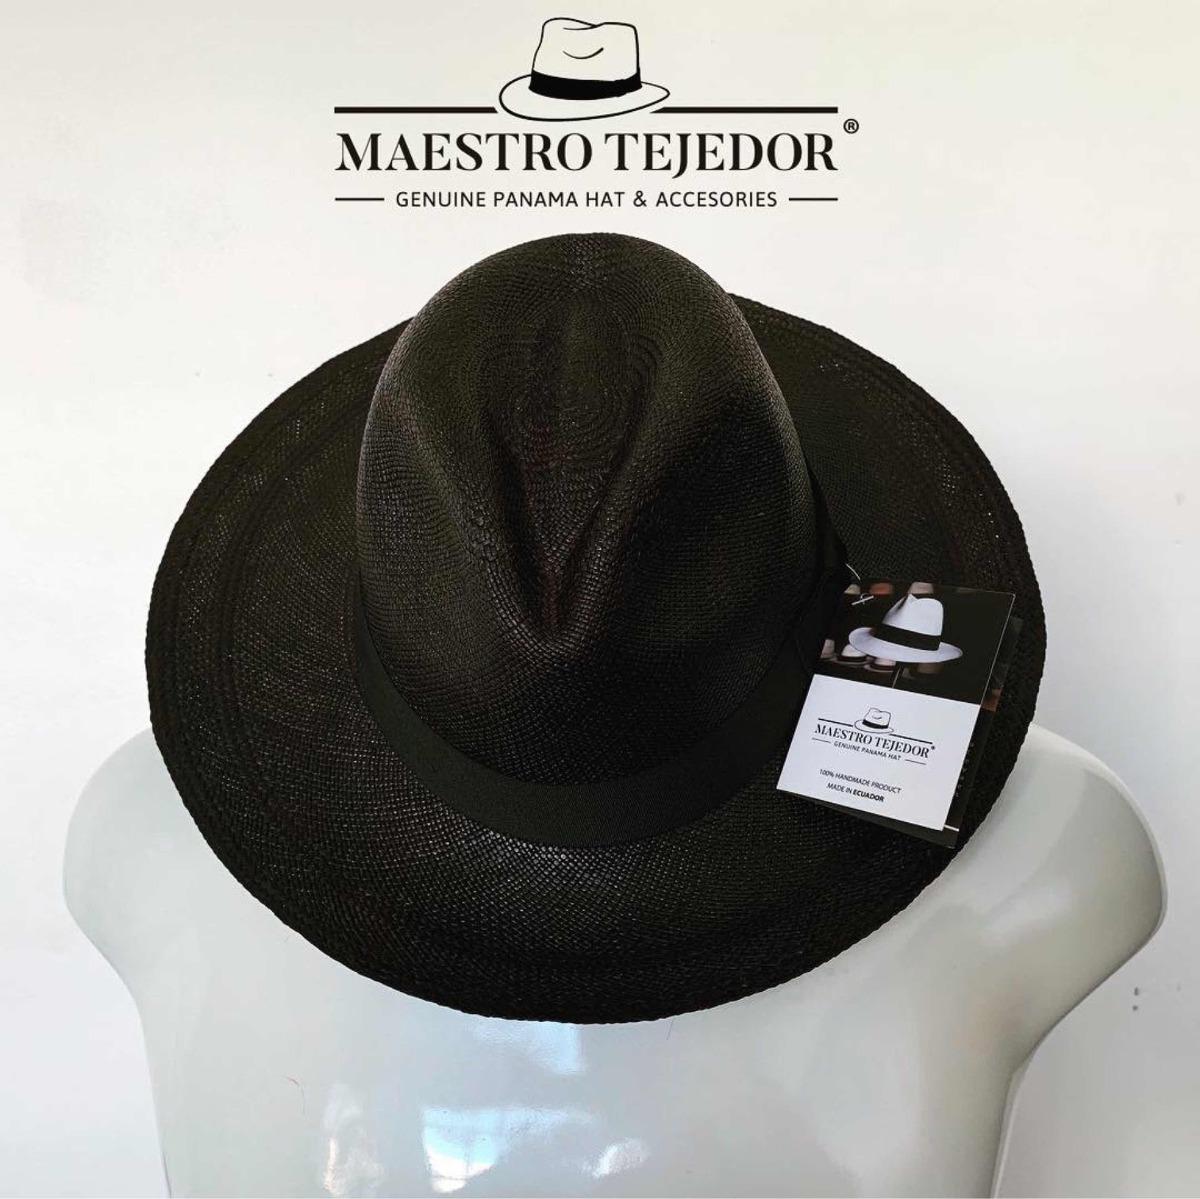 c4c92c9eaeac1 sombrero clásico negro maestro tejedor. Cargando zoom.